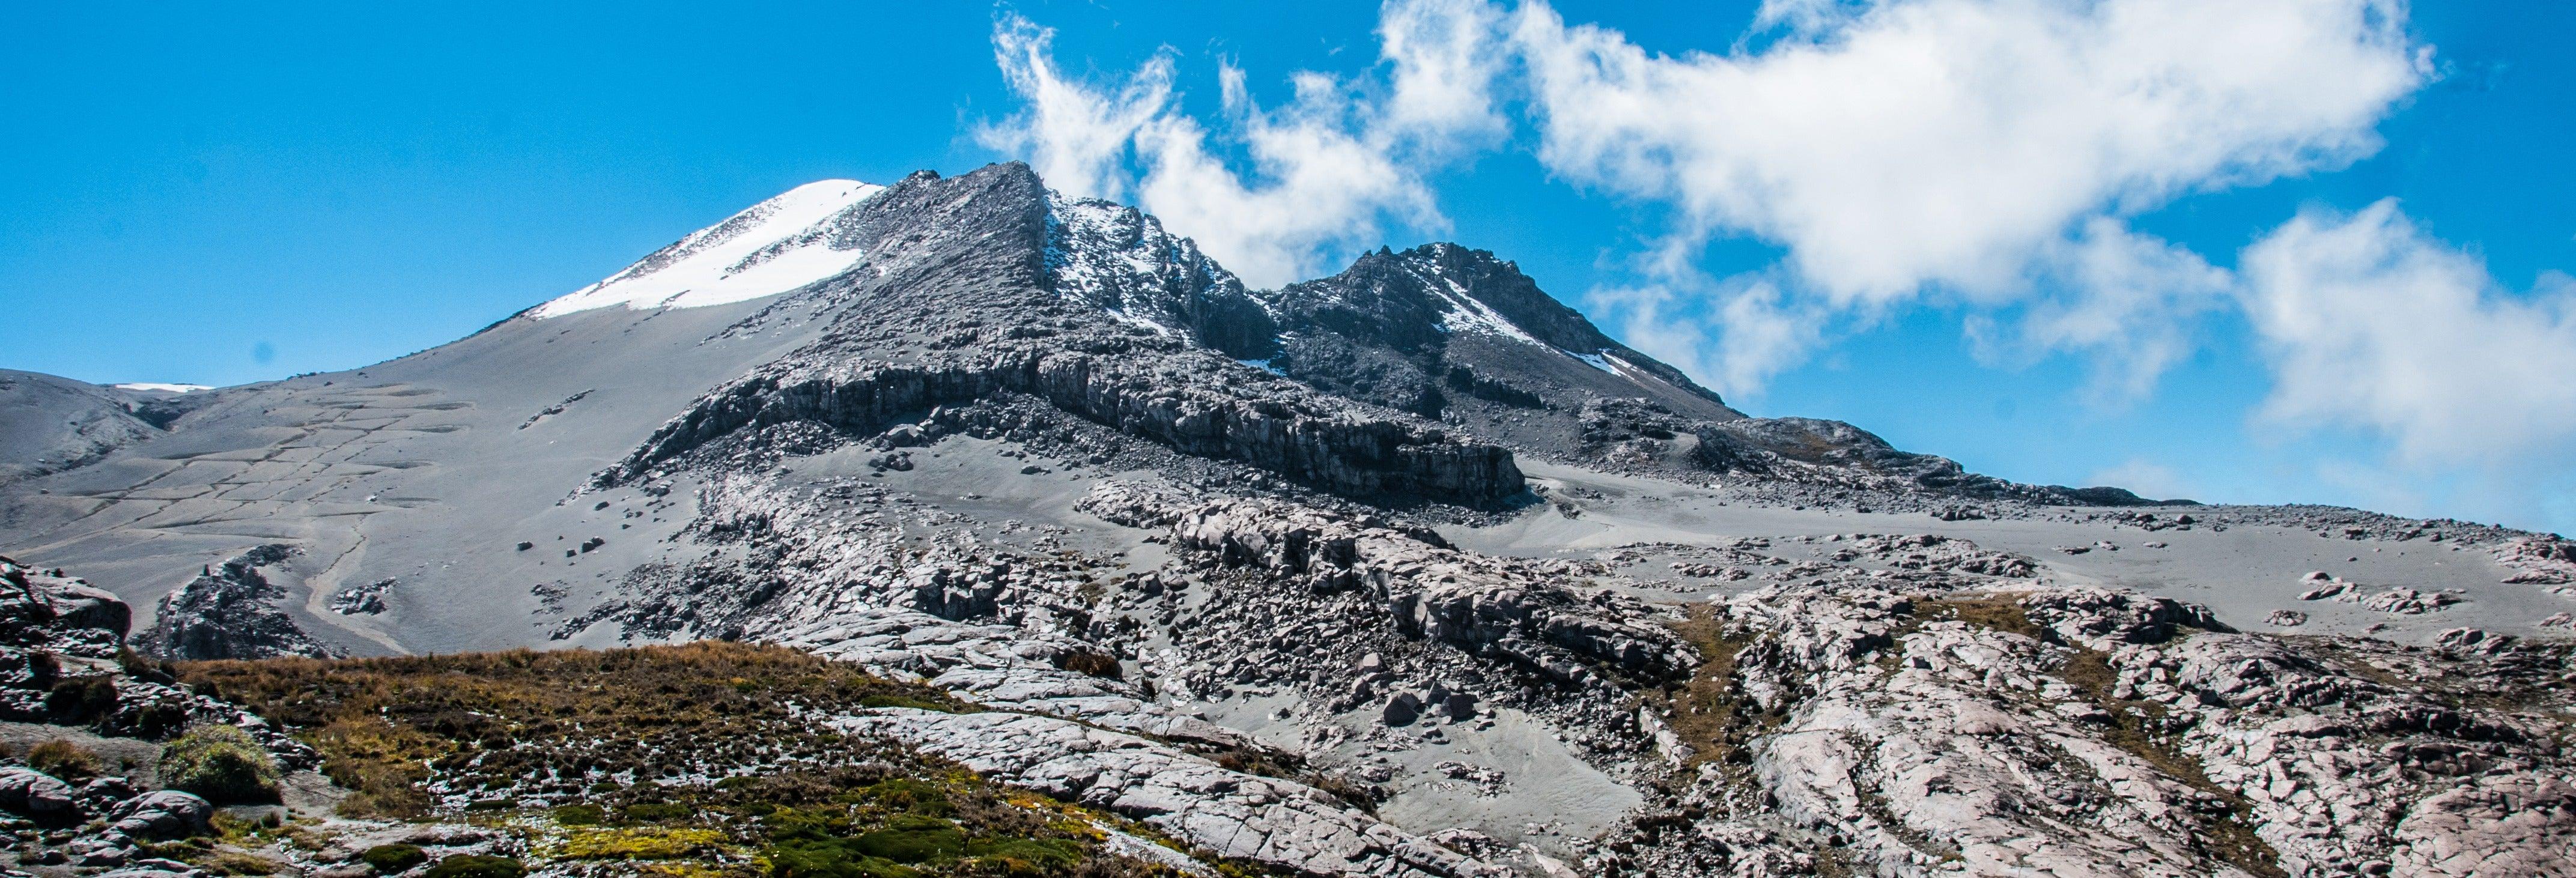 Excursión al volcán Nevado del Ruiz